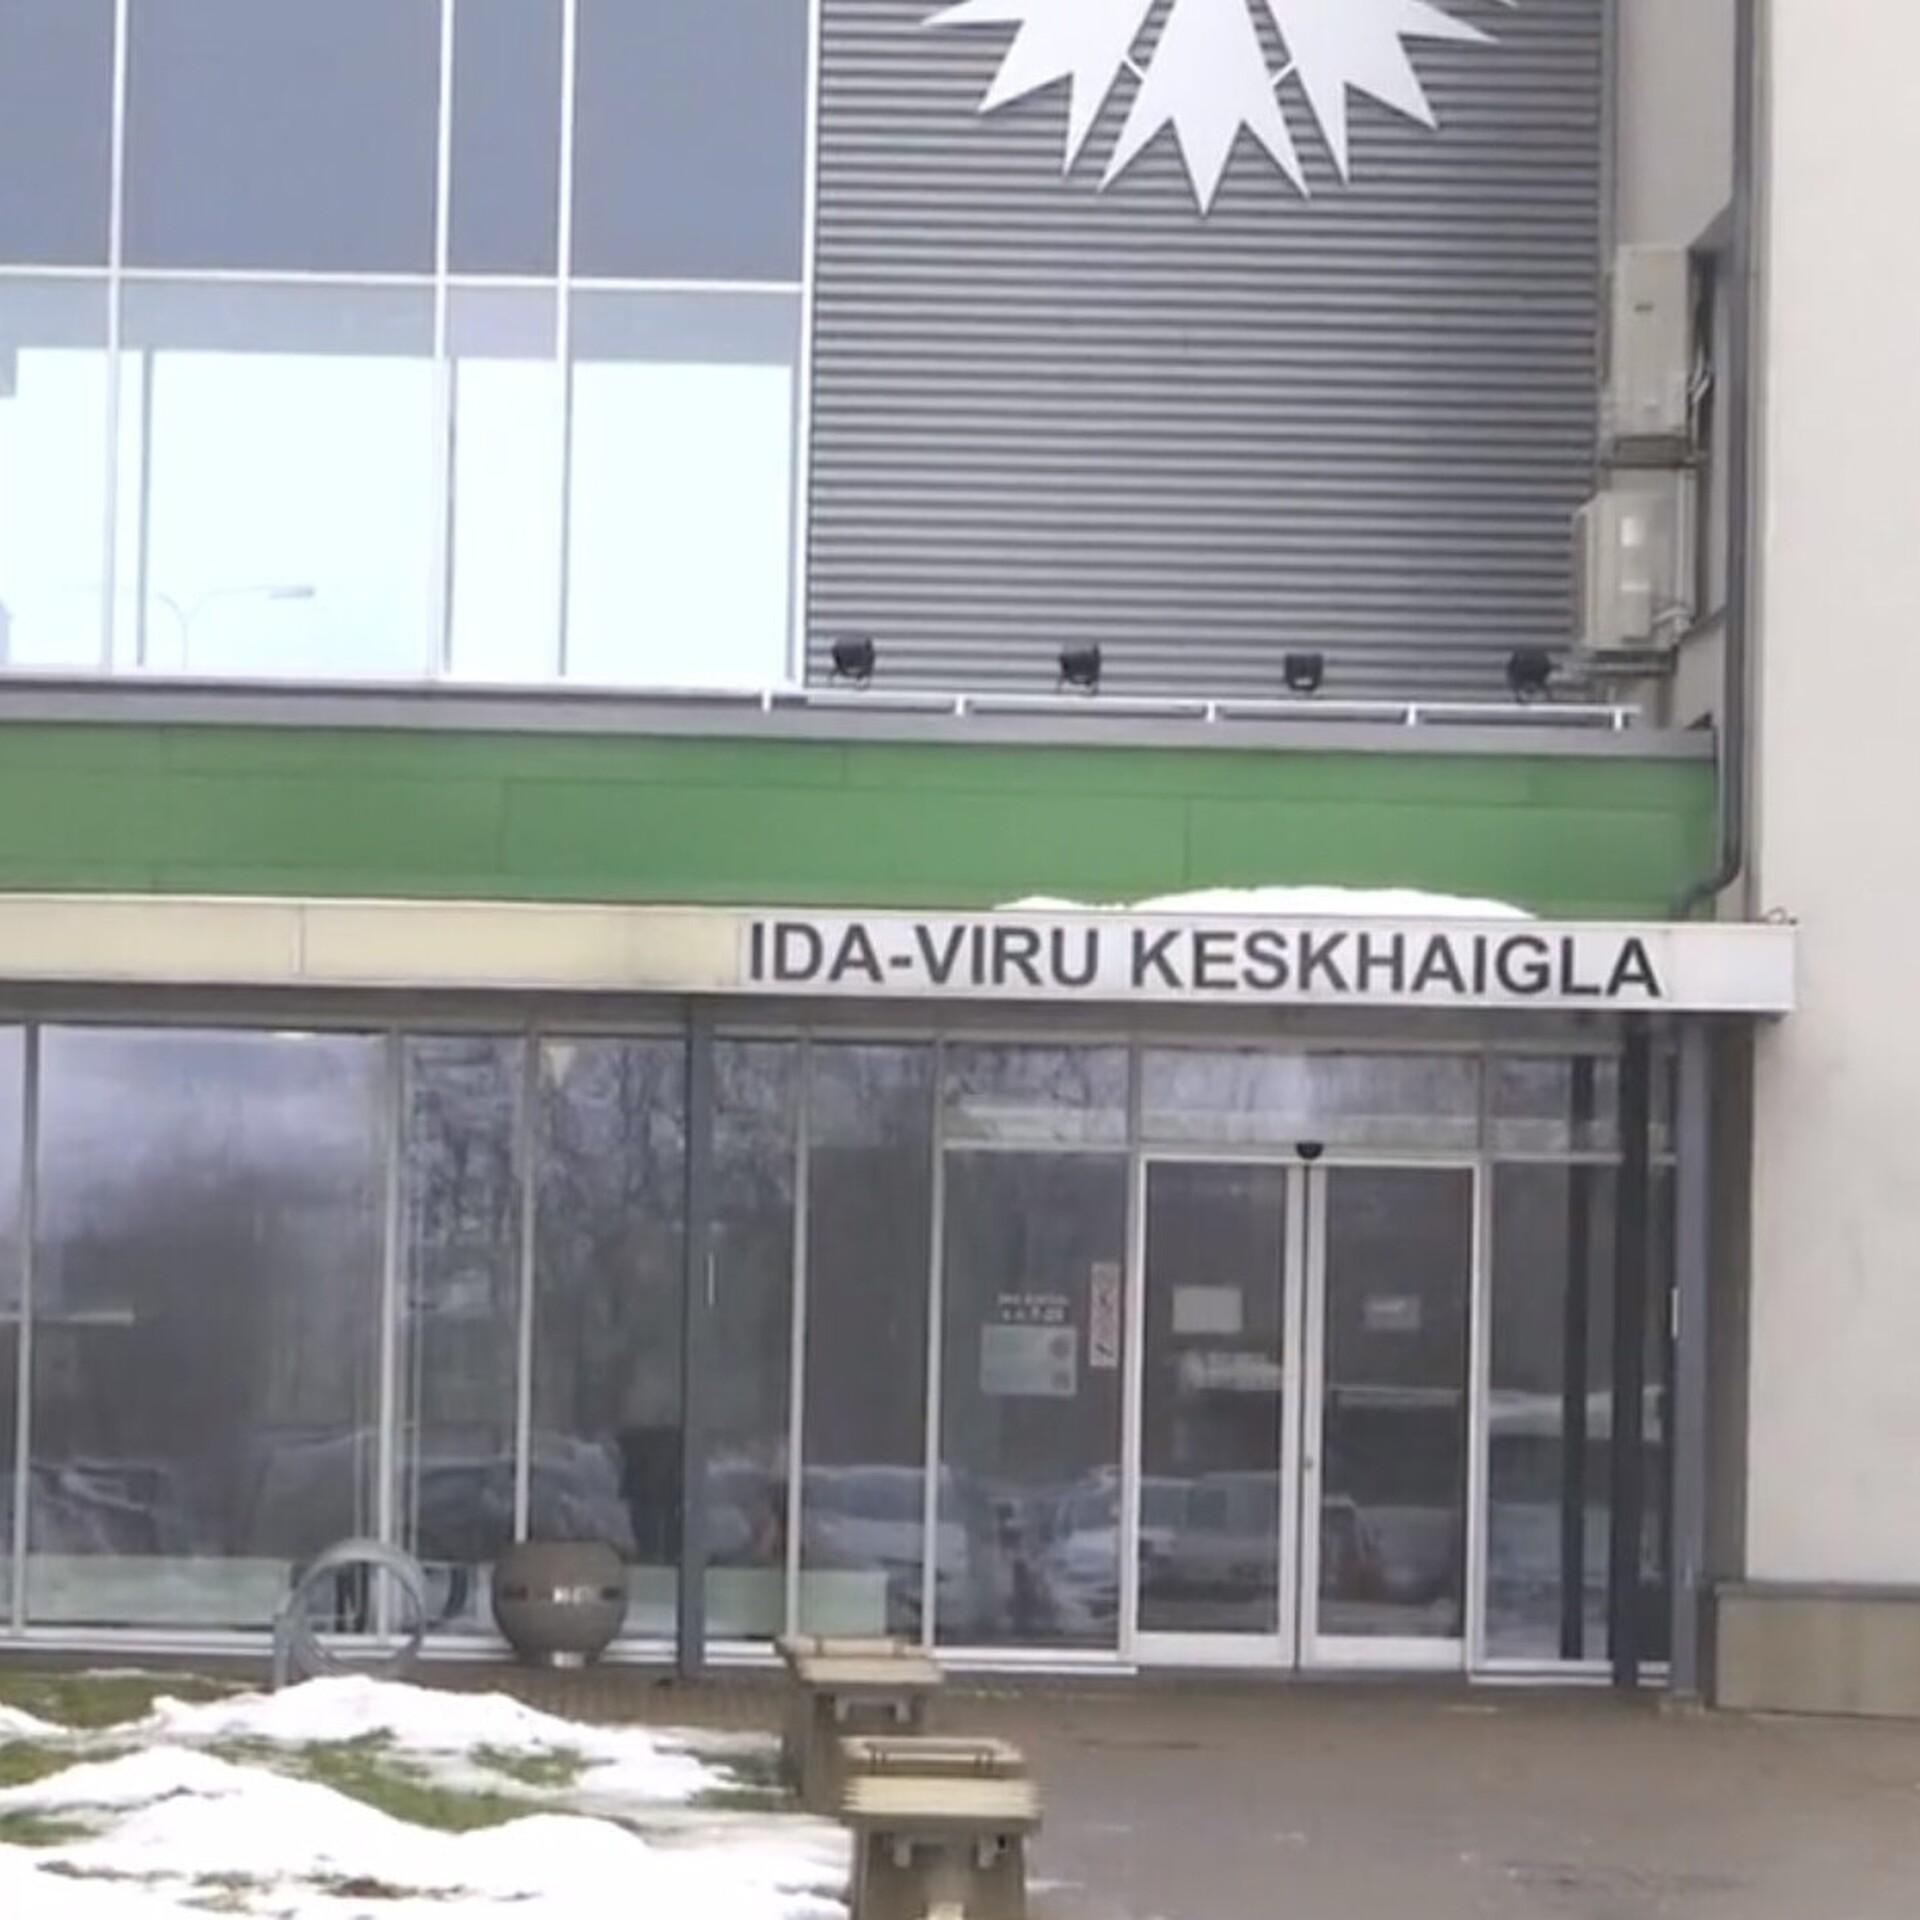 9478d43d7f4 Ida-Viru keskhaigla hakkab küsima visiiditasu ka tühistamata eriarstiaegade  eest | Eesti | ERR